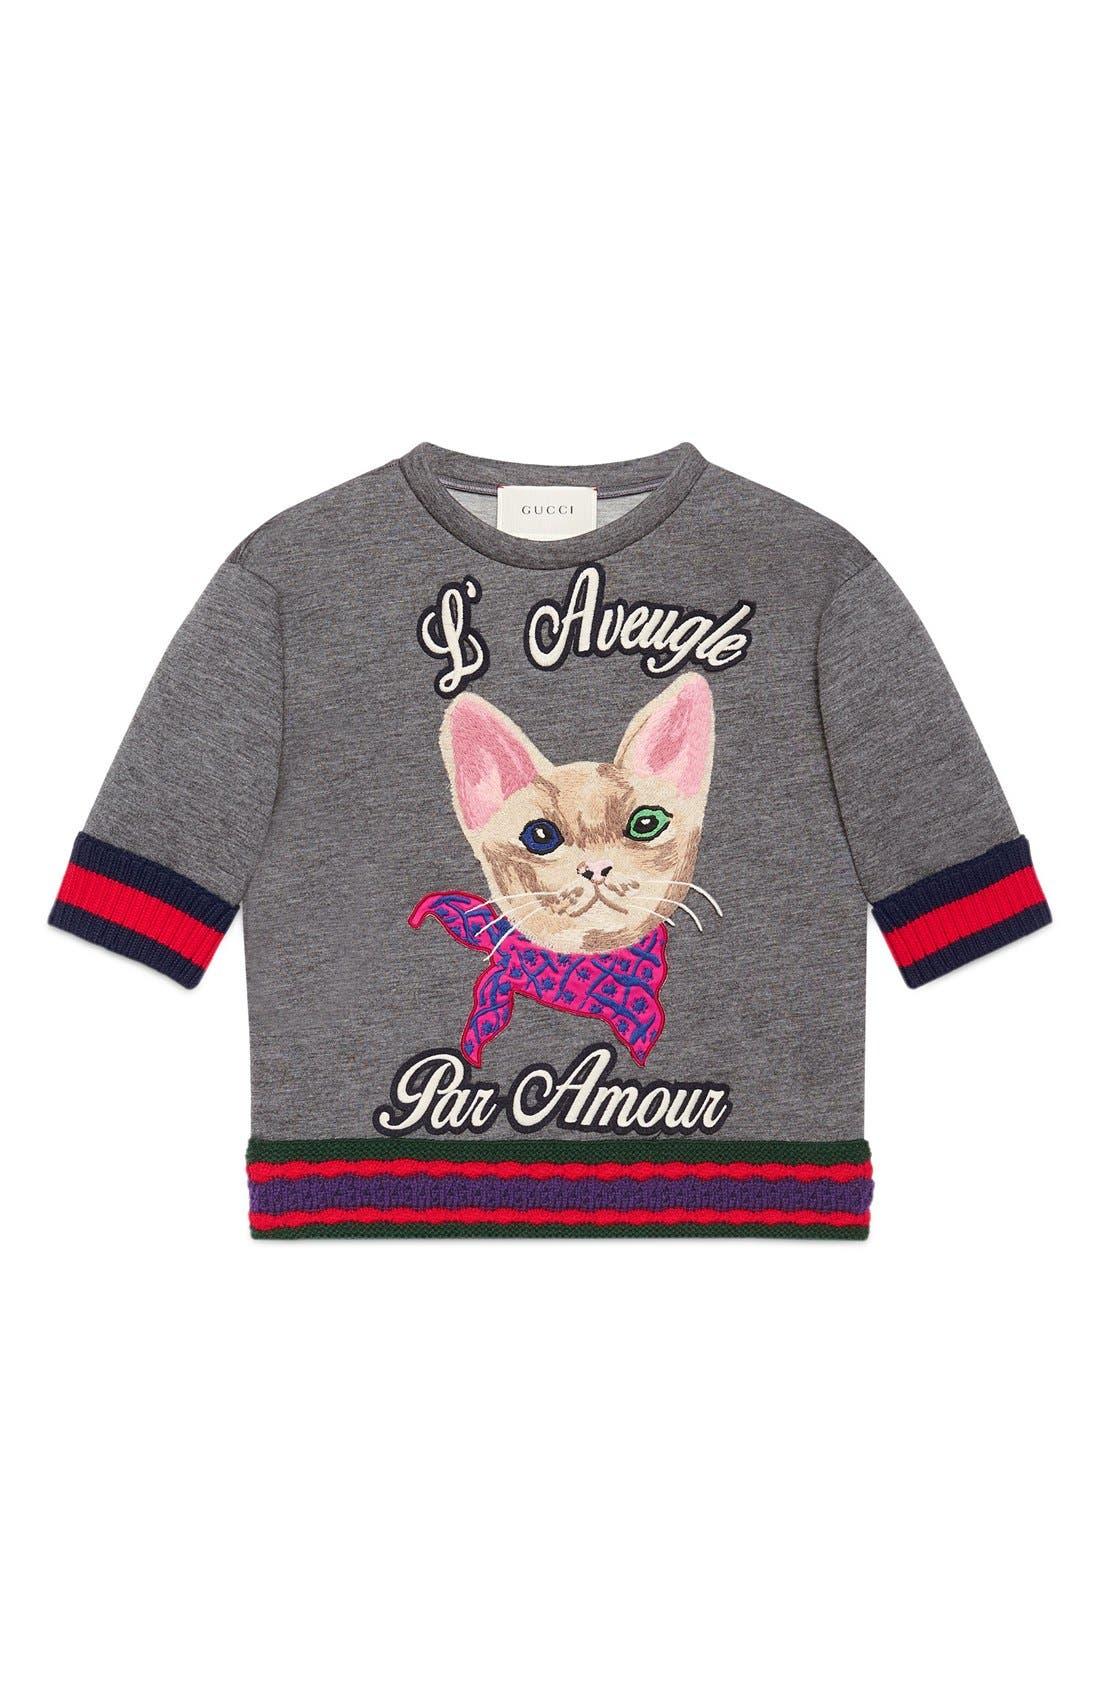 GUCCI 'L'Aveugle Par Amour' Kitten Appliqué Sweatshirt